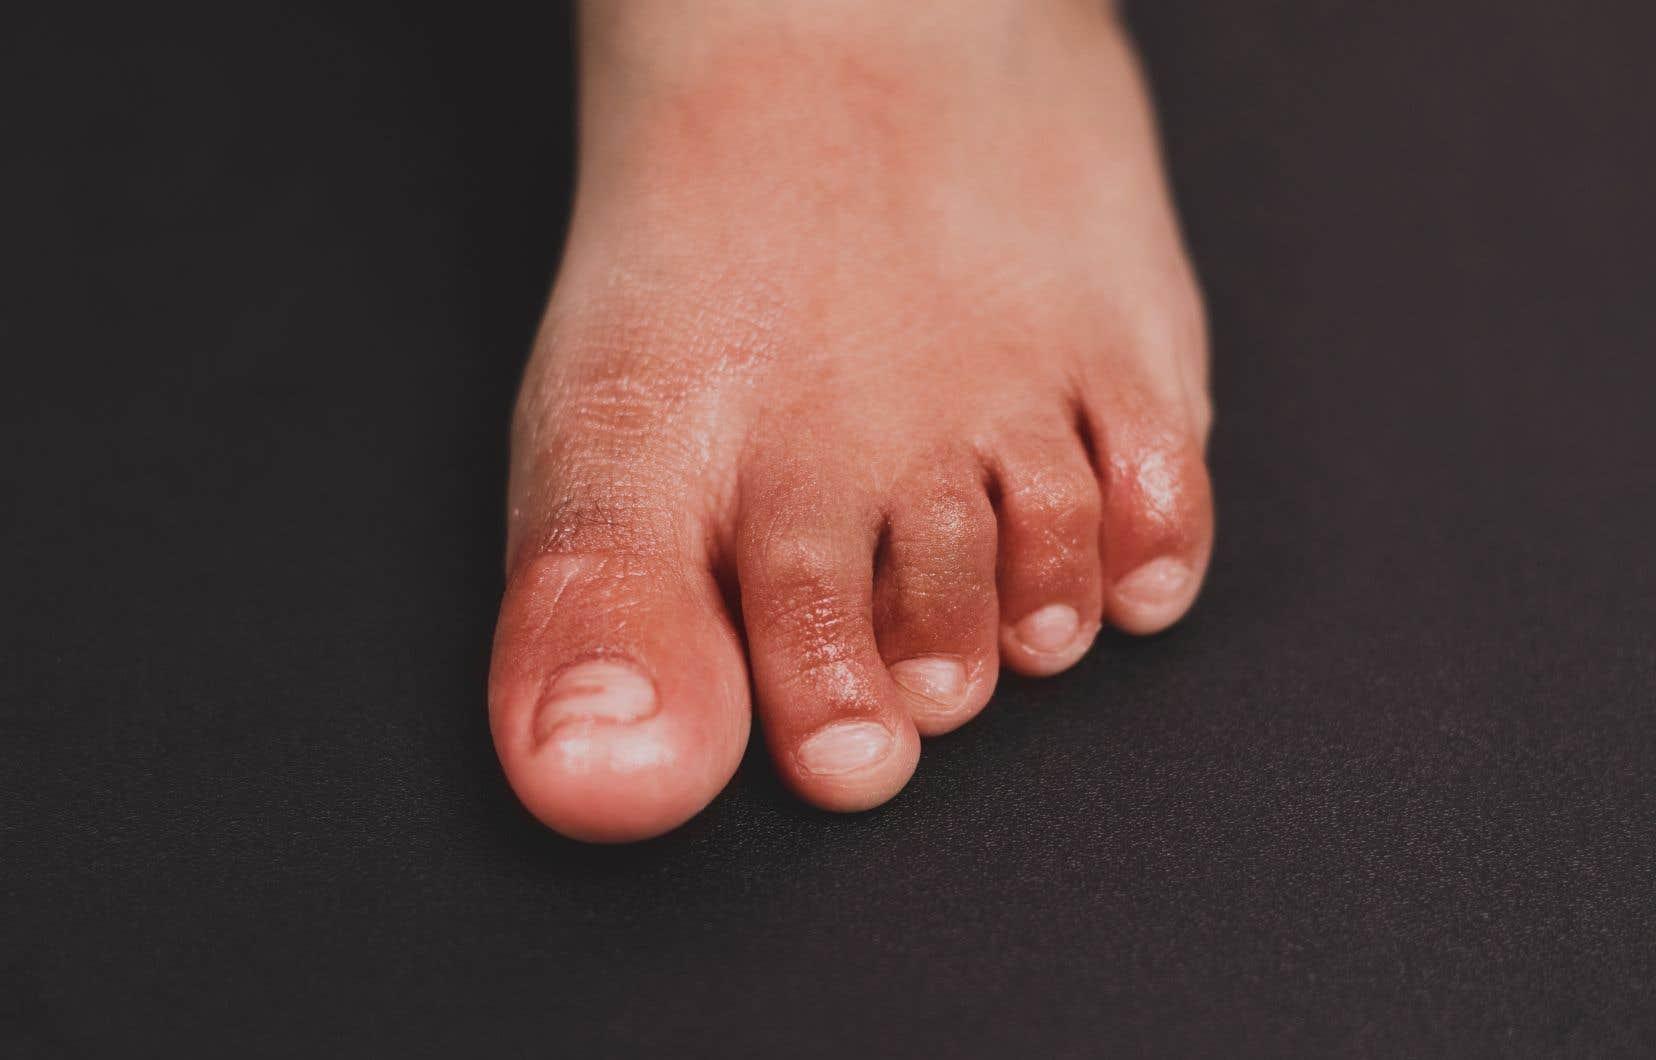 Les études menées jusqu'ici démontrent que plusieurs patients atteints «d'orteils COVID-19» sont «asymptomatiques», selon les critères retenus pour le dépistage des cas.